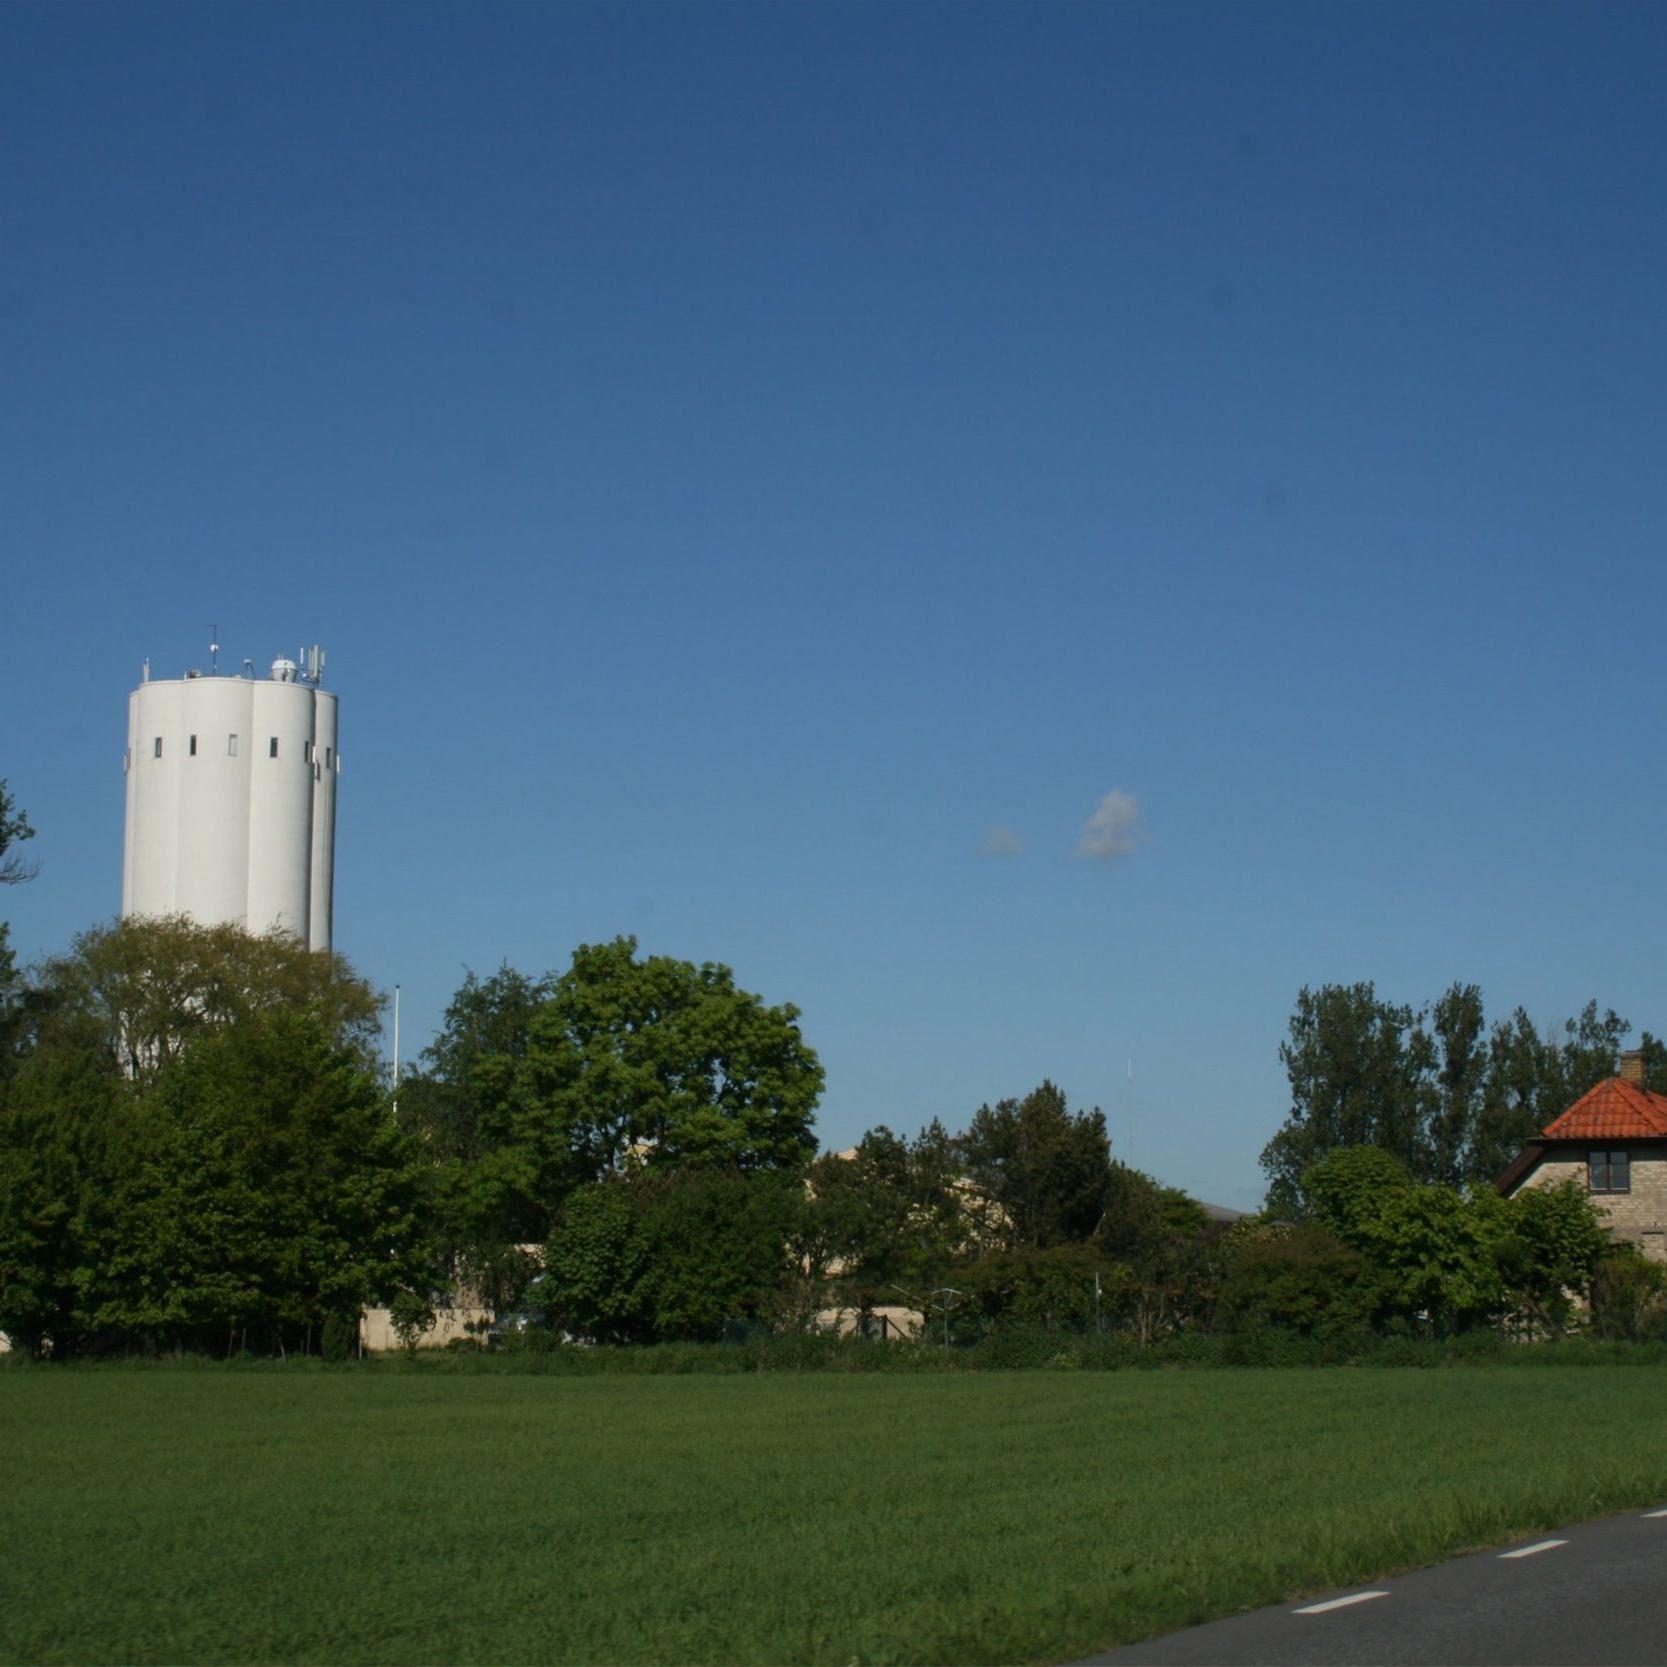 © Kävlinge kommun, Schloss Barsebäck